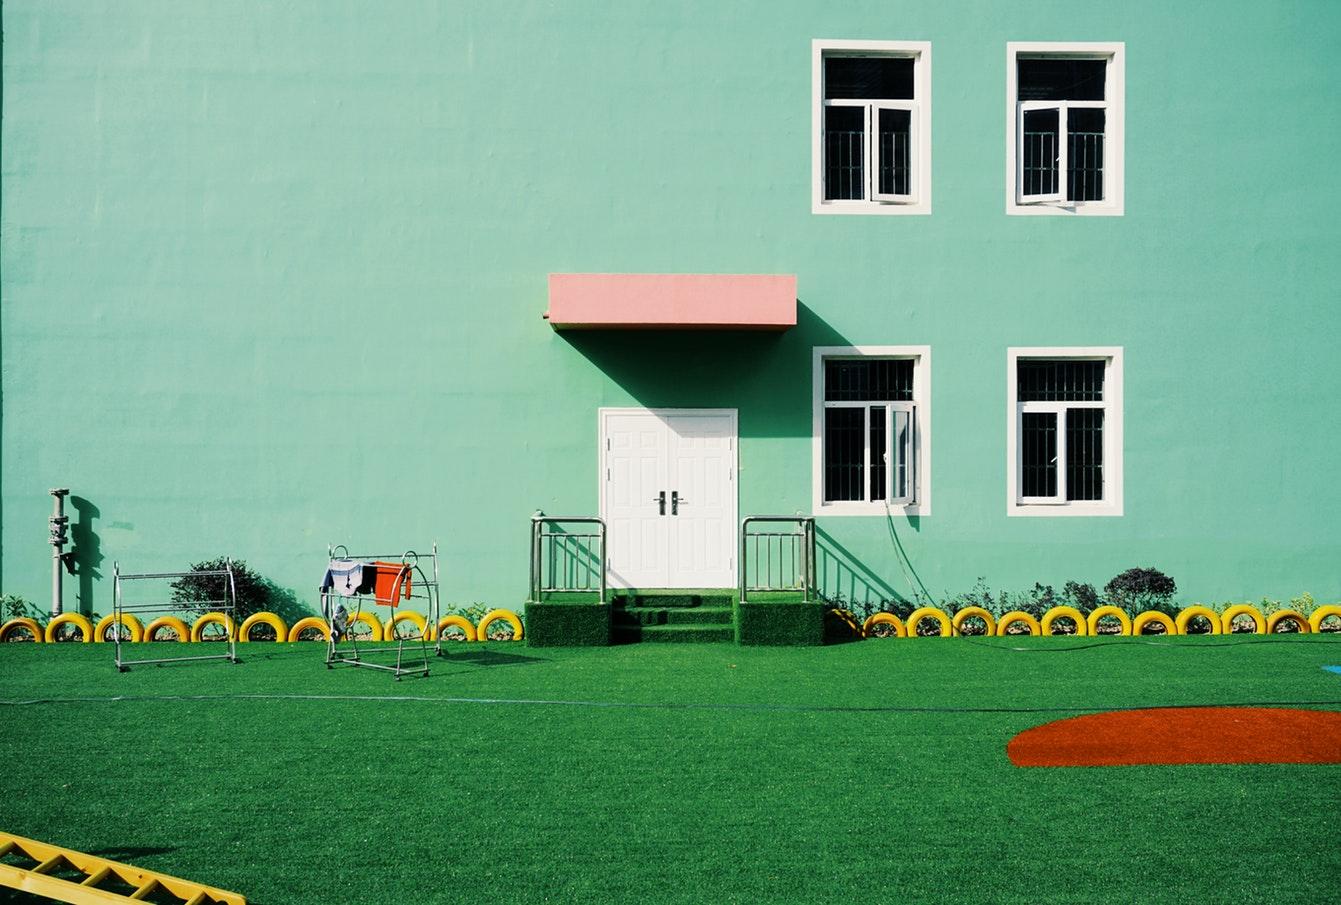 高齢者向けの不動産仲介サービスがスタート